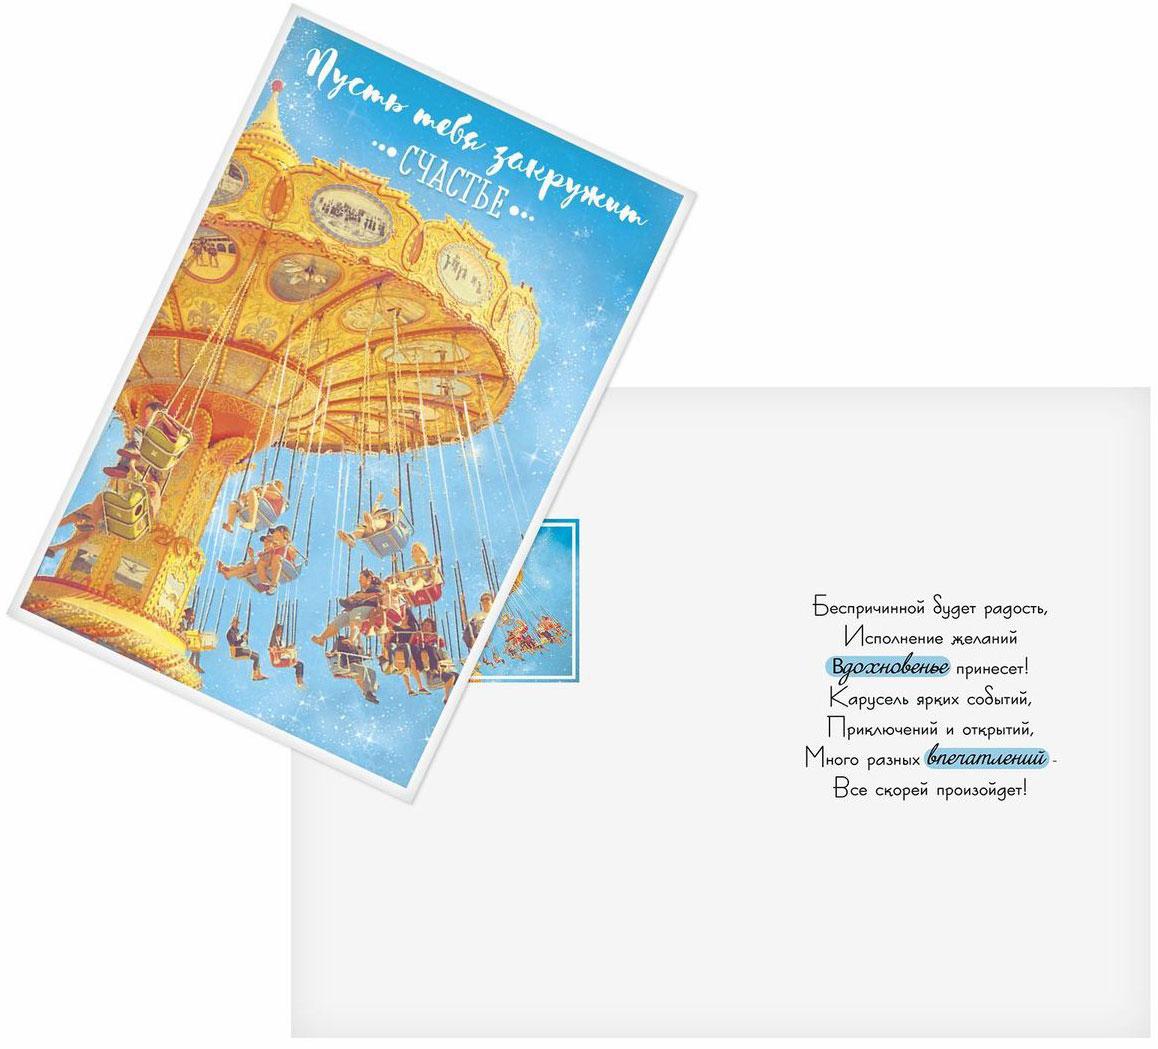 Открытка Дарите cчастье Карусель счастья, 12 х 18 см74-0060Атмосферу праздника создают детали: свечи, цветы, бокалы, воздушные шары и поздравительные открытки — яркие и весёлые, романтичные и нежные, милые и трогательные. Расскажите о своих чувствах дорогому для вас человеку, поделитесь радостью с близкими и друзьями. Открытка с креативным дизайном вам в этом поможет.